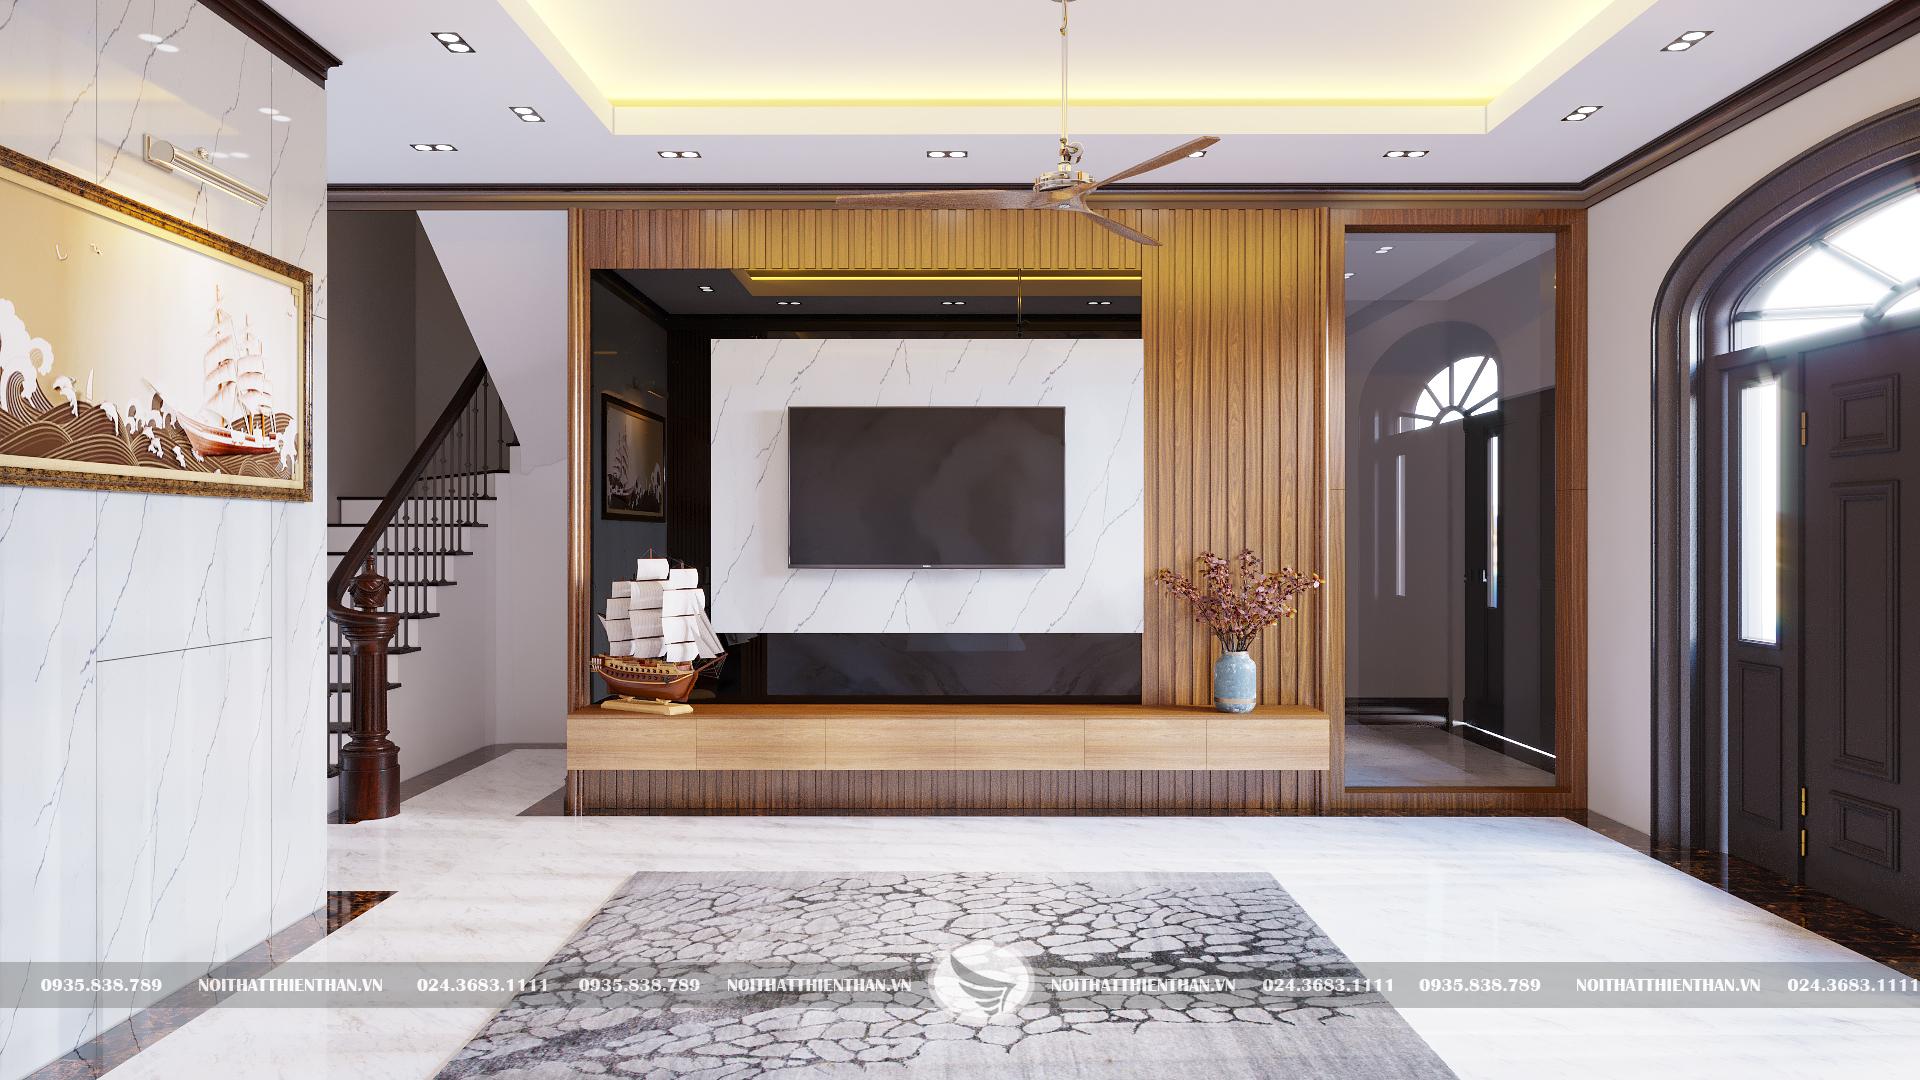 mẫu trang trí phòng khách